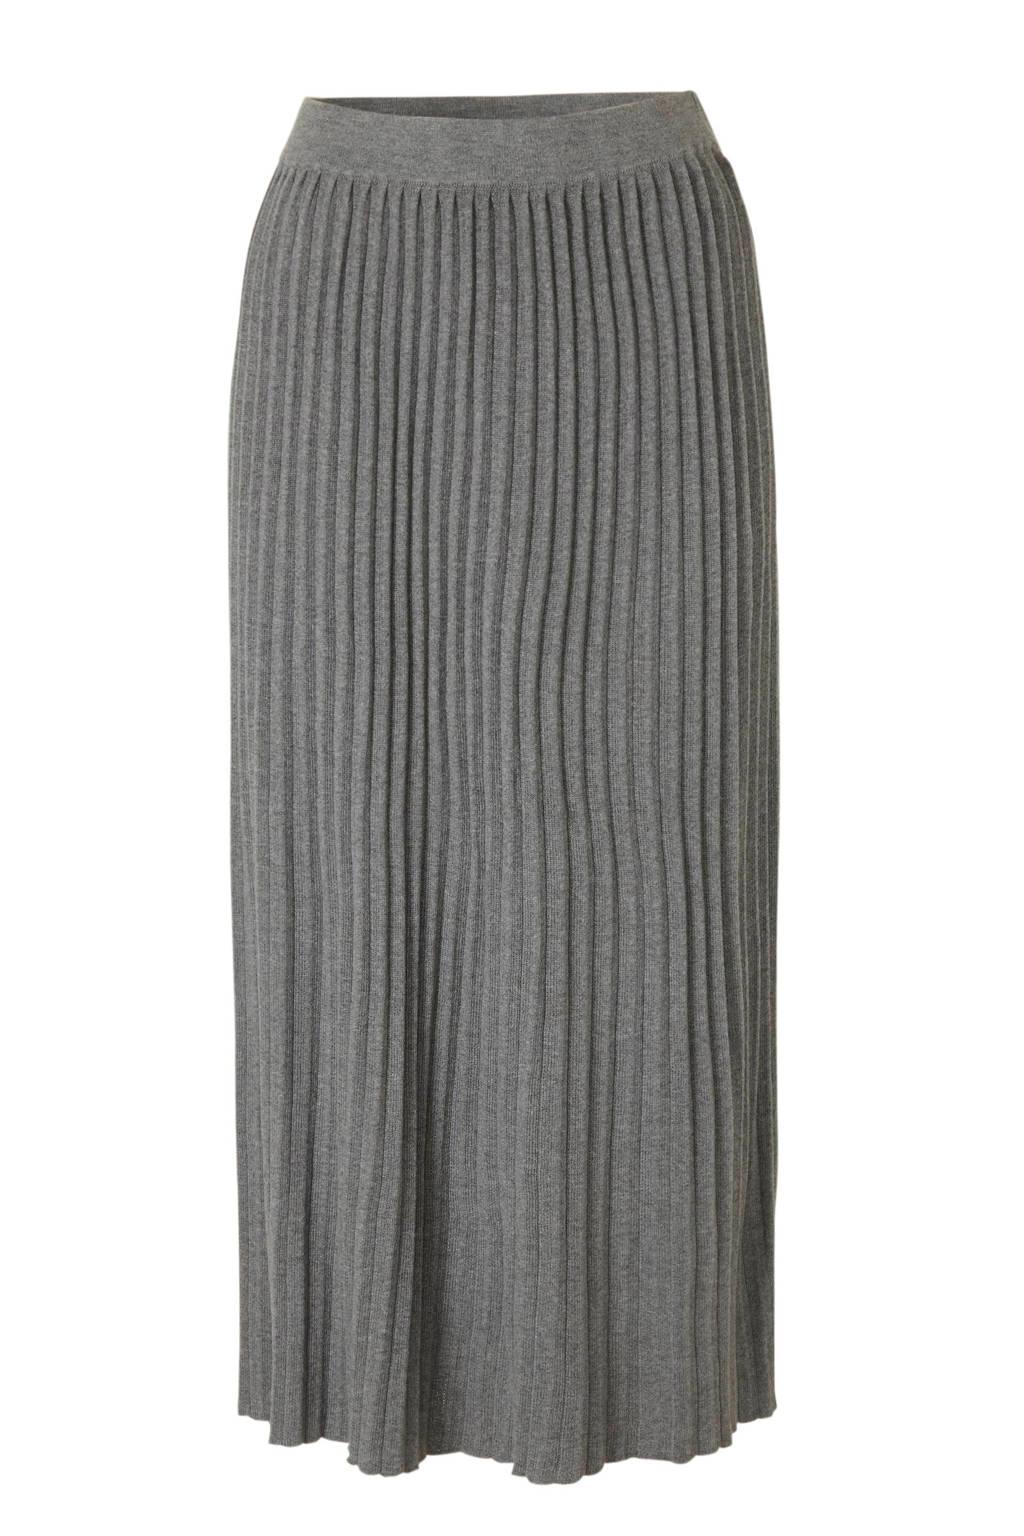 C&A fijngebreide plissé rok grijs, Grijs